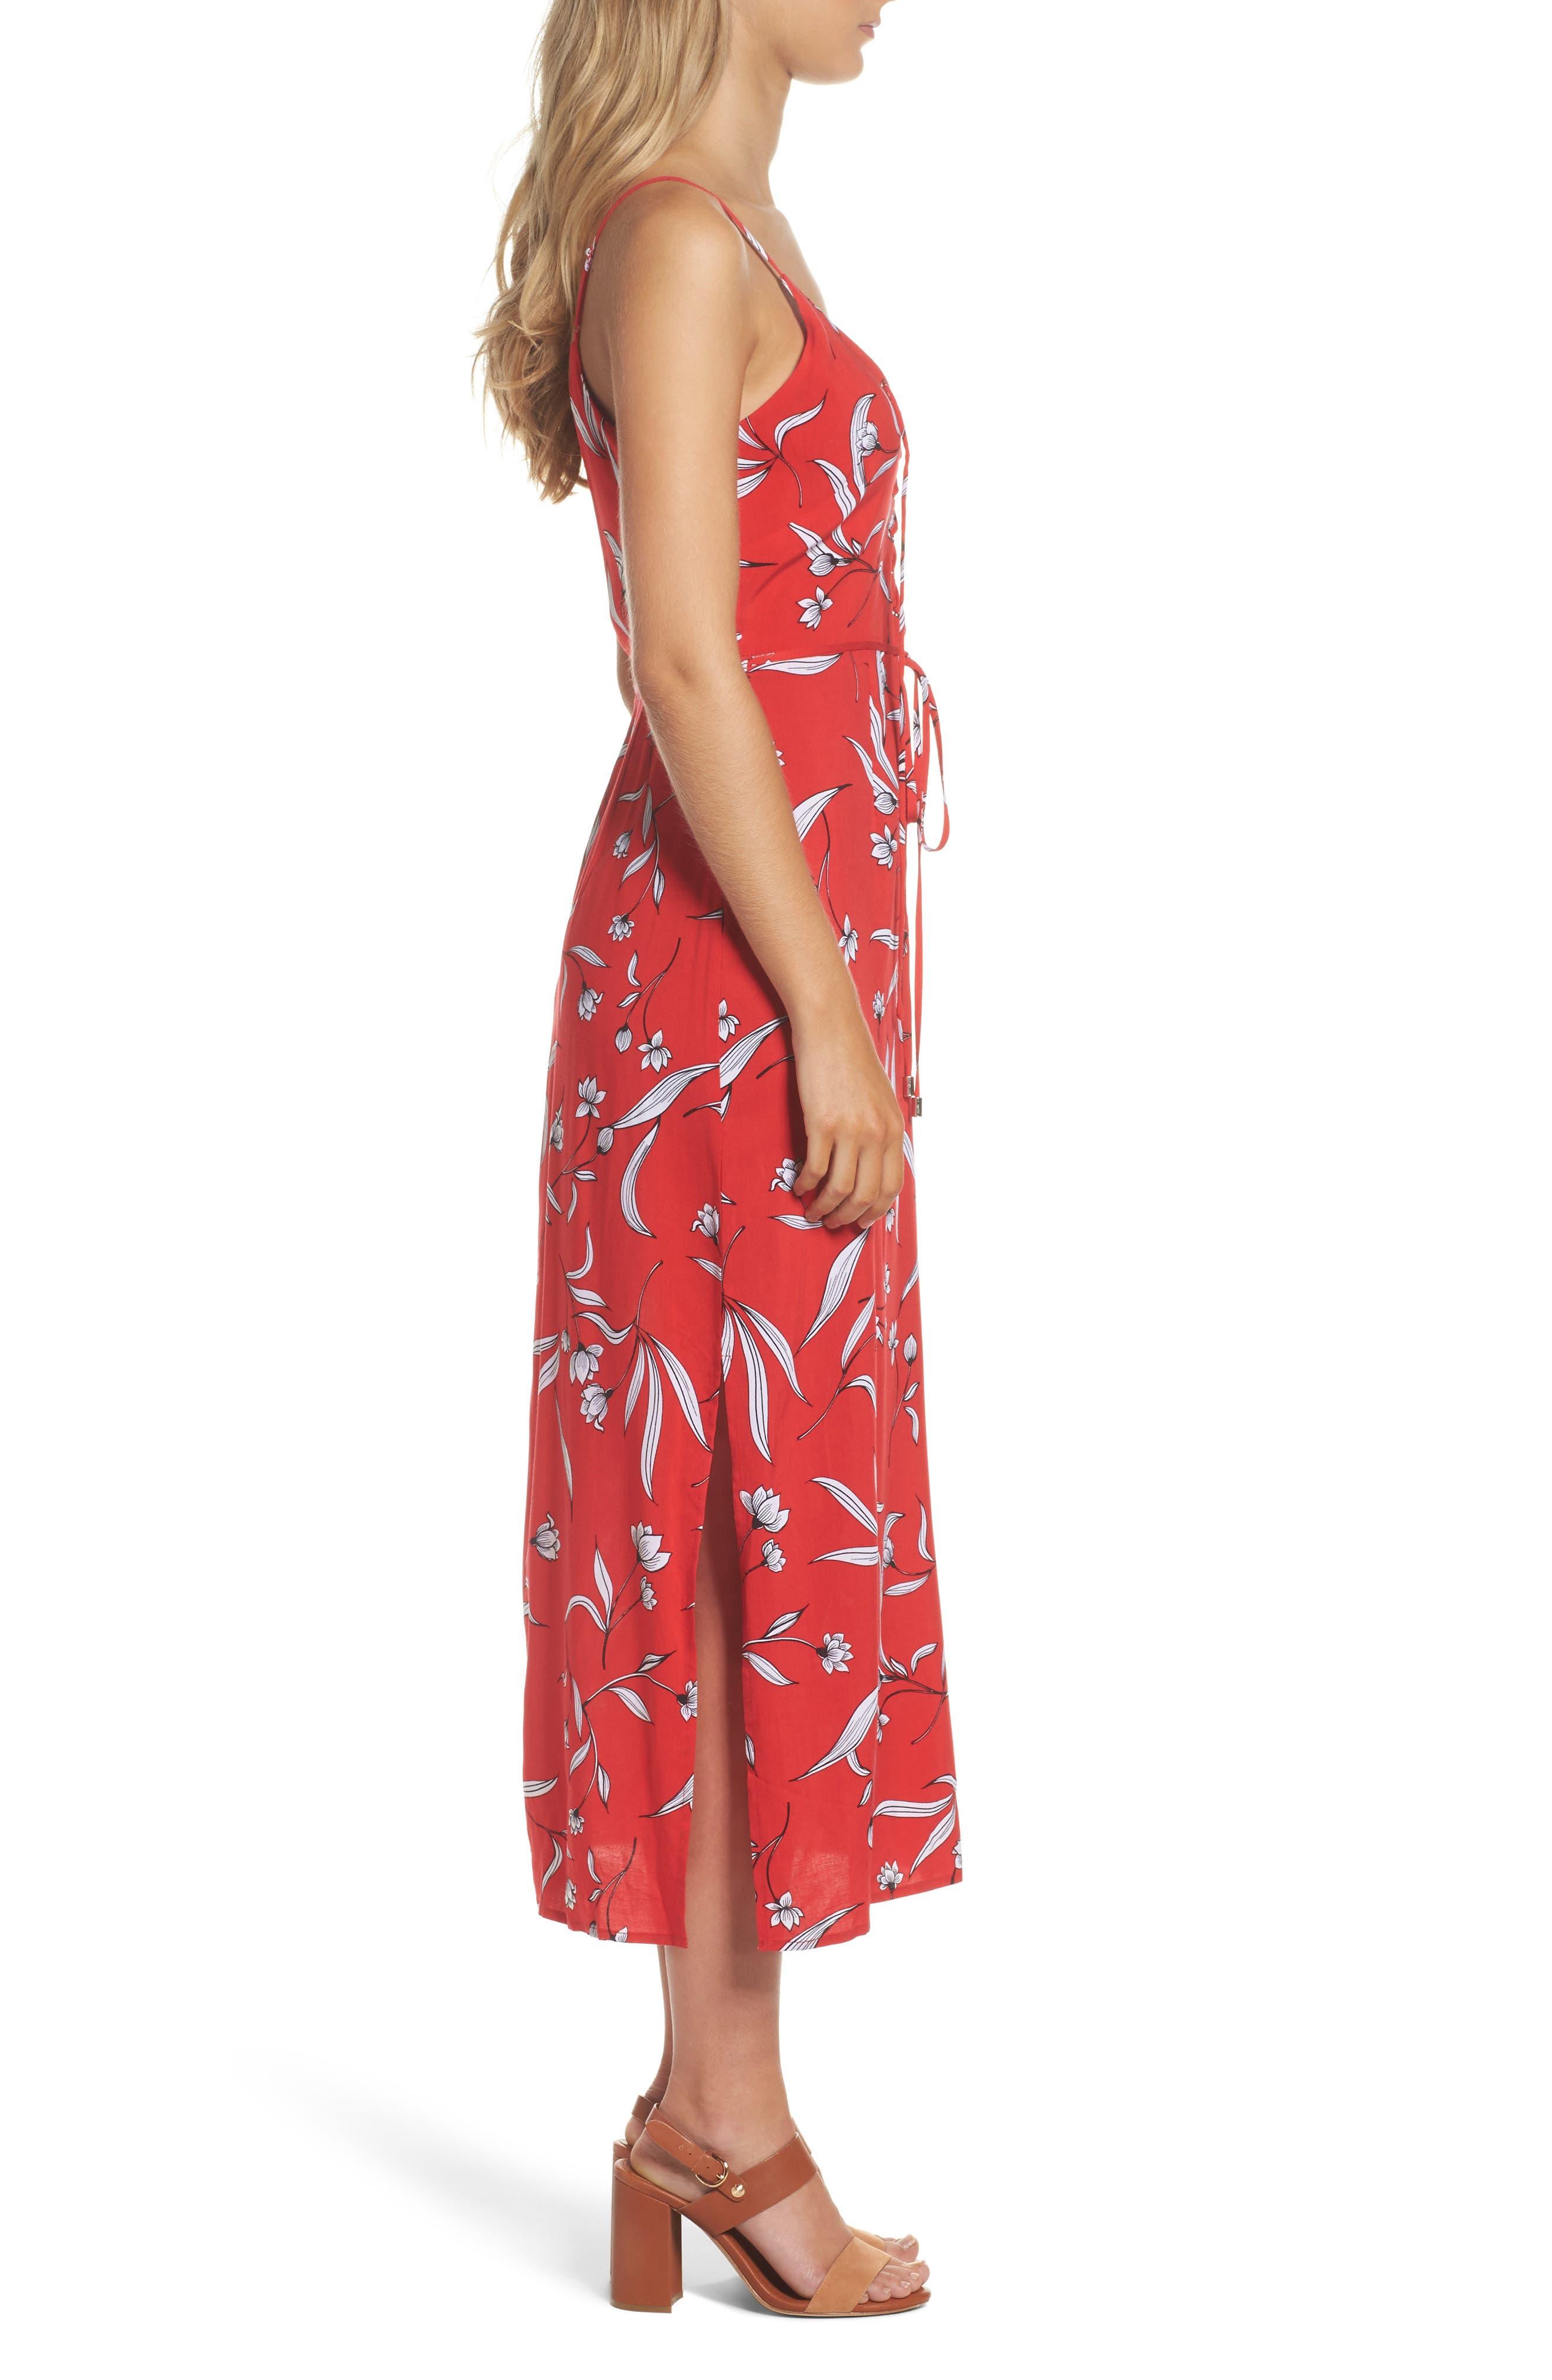 Amelia Floral Dress,                             Alternate thumbnail 3, color,                             Floral Print